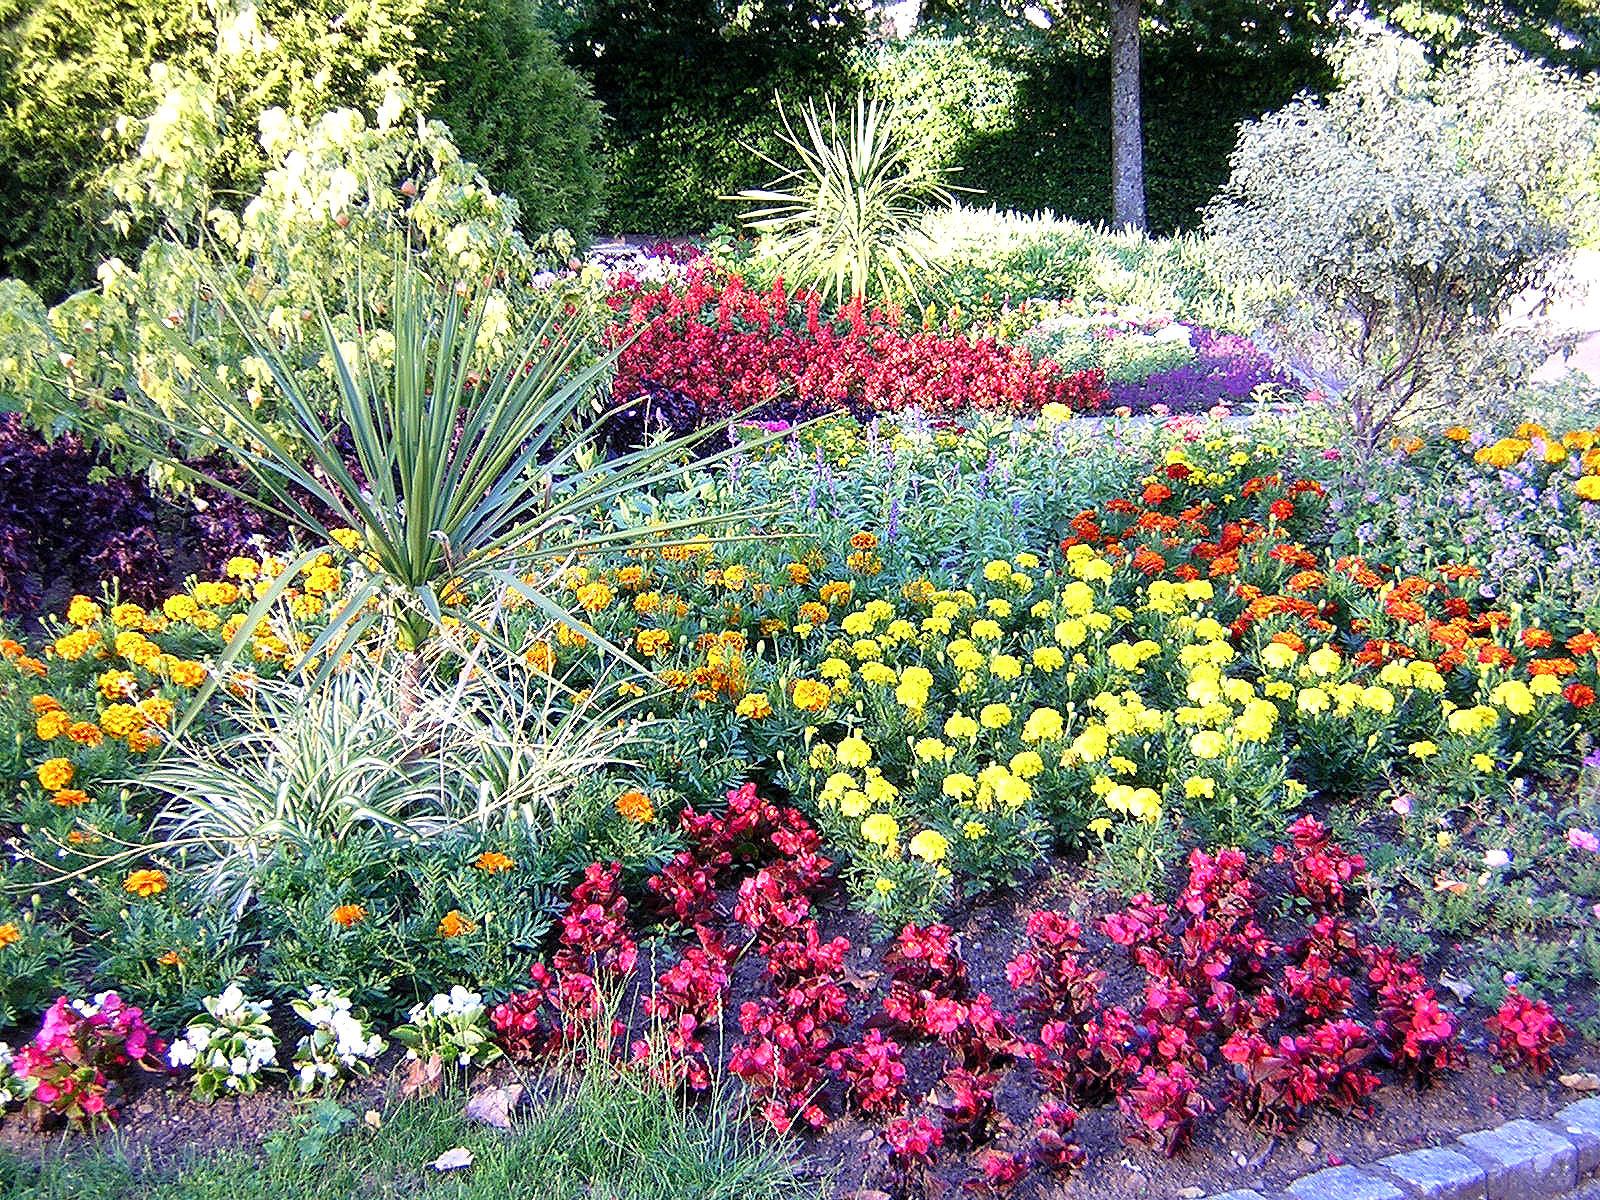 Le jardin anglais de vesoul abeilles et petites mains - Photos de jardins anglais ...